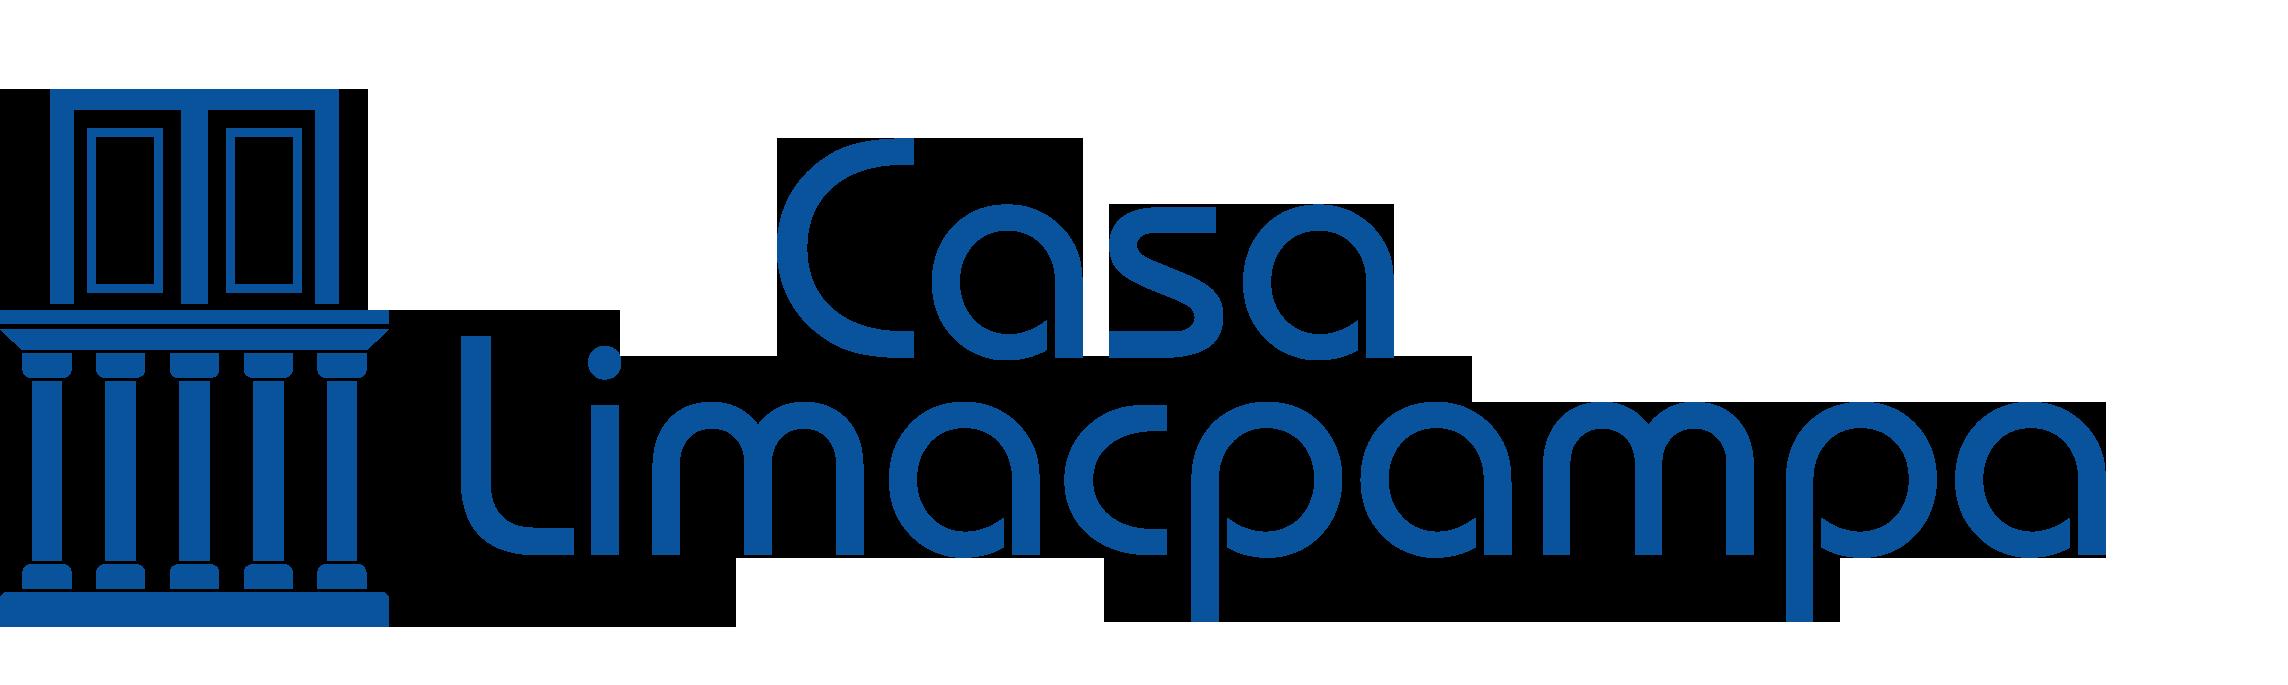 Casa Limacpampa